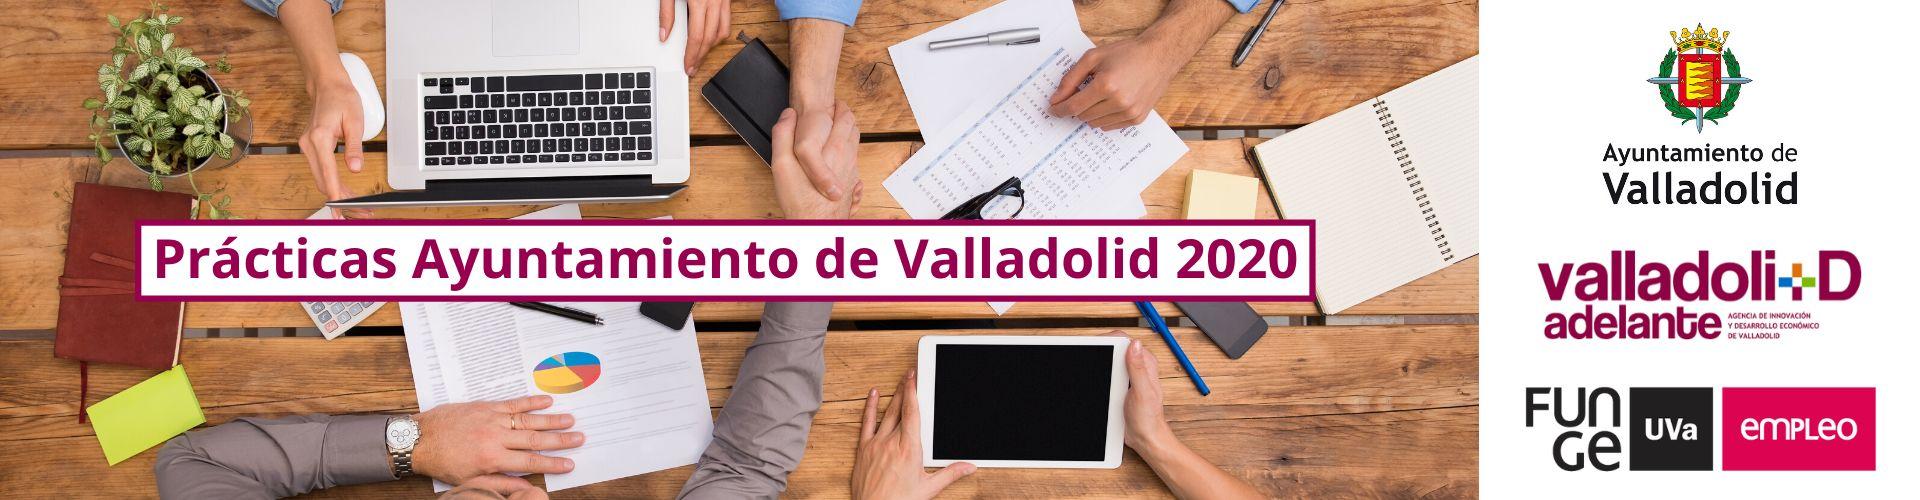 Programa de prácticas no laborales 2020 - Funge UVa - Ayuntamiento de Valladolid - Valladolid Adelante